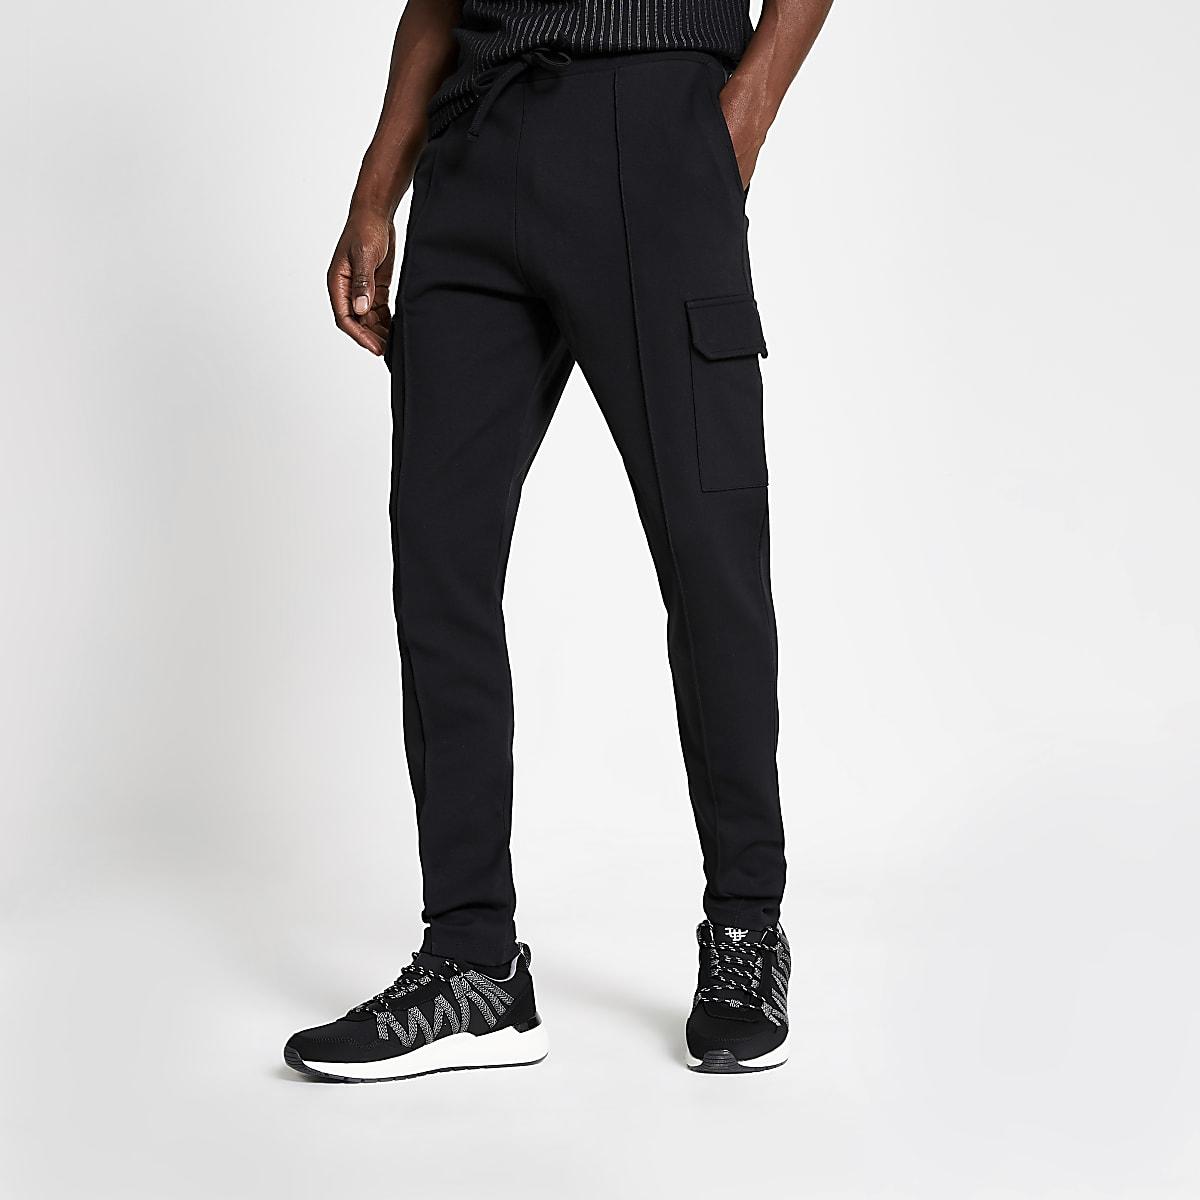 Pantalon de jogging slim noir fonctionnel